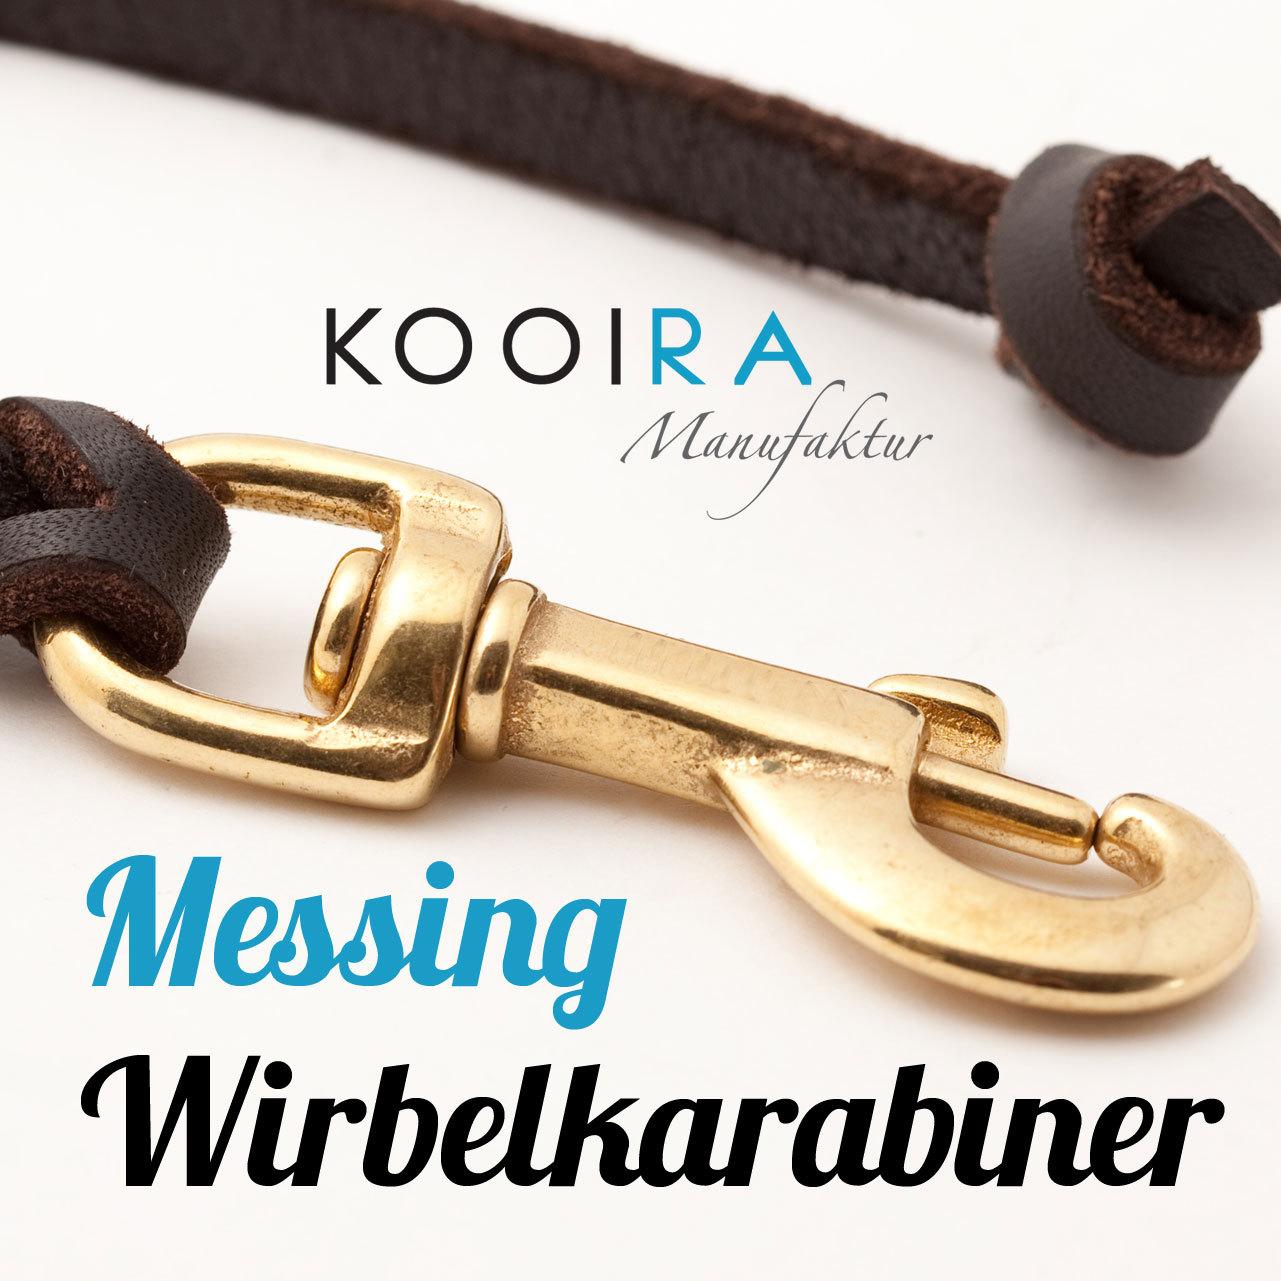 KOOIRA-Hundeleinen-Verschluss-Messing-Wirbelkarabiner-Drehkarabiner